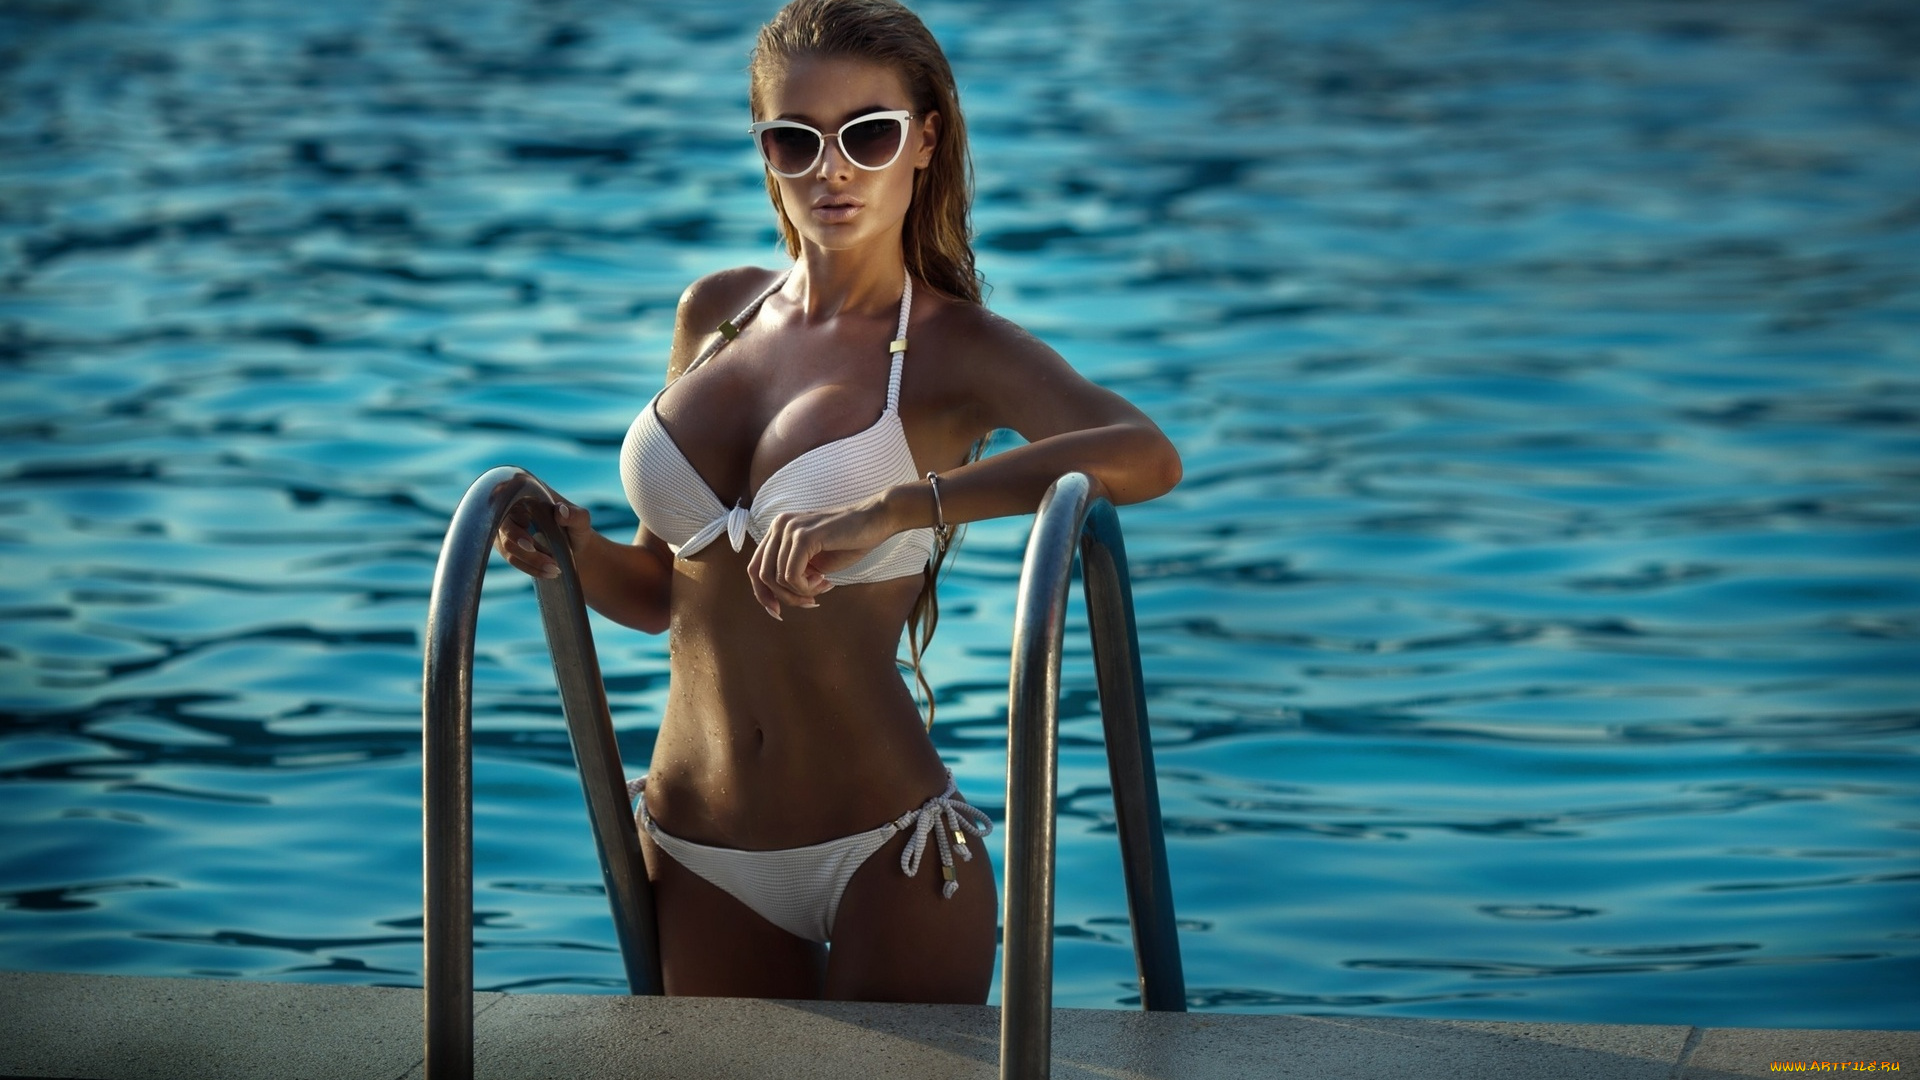 Великолепная девушка в бикини возле бассейна  358927